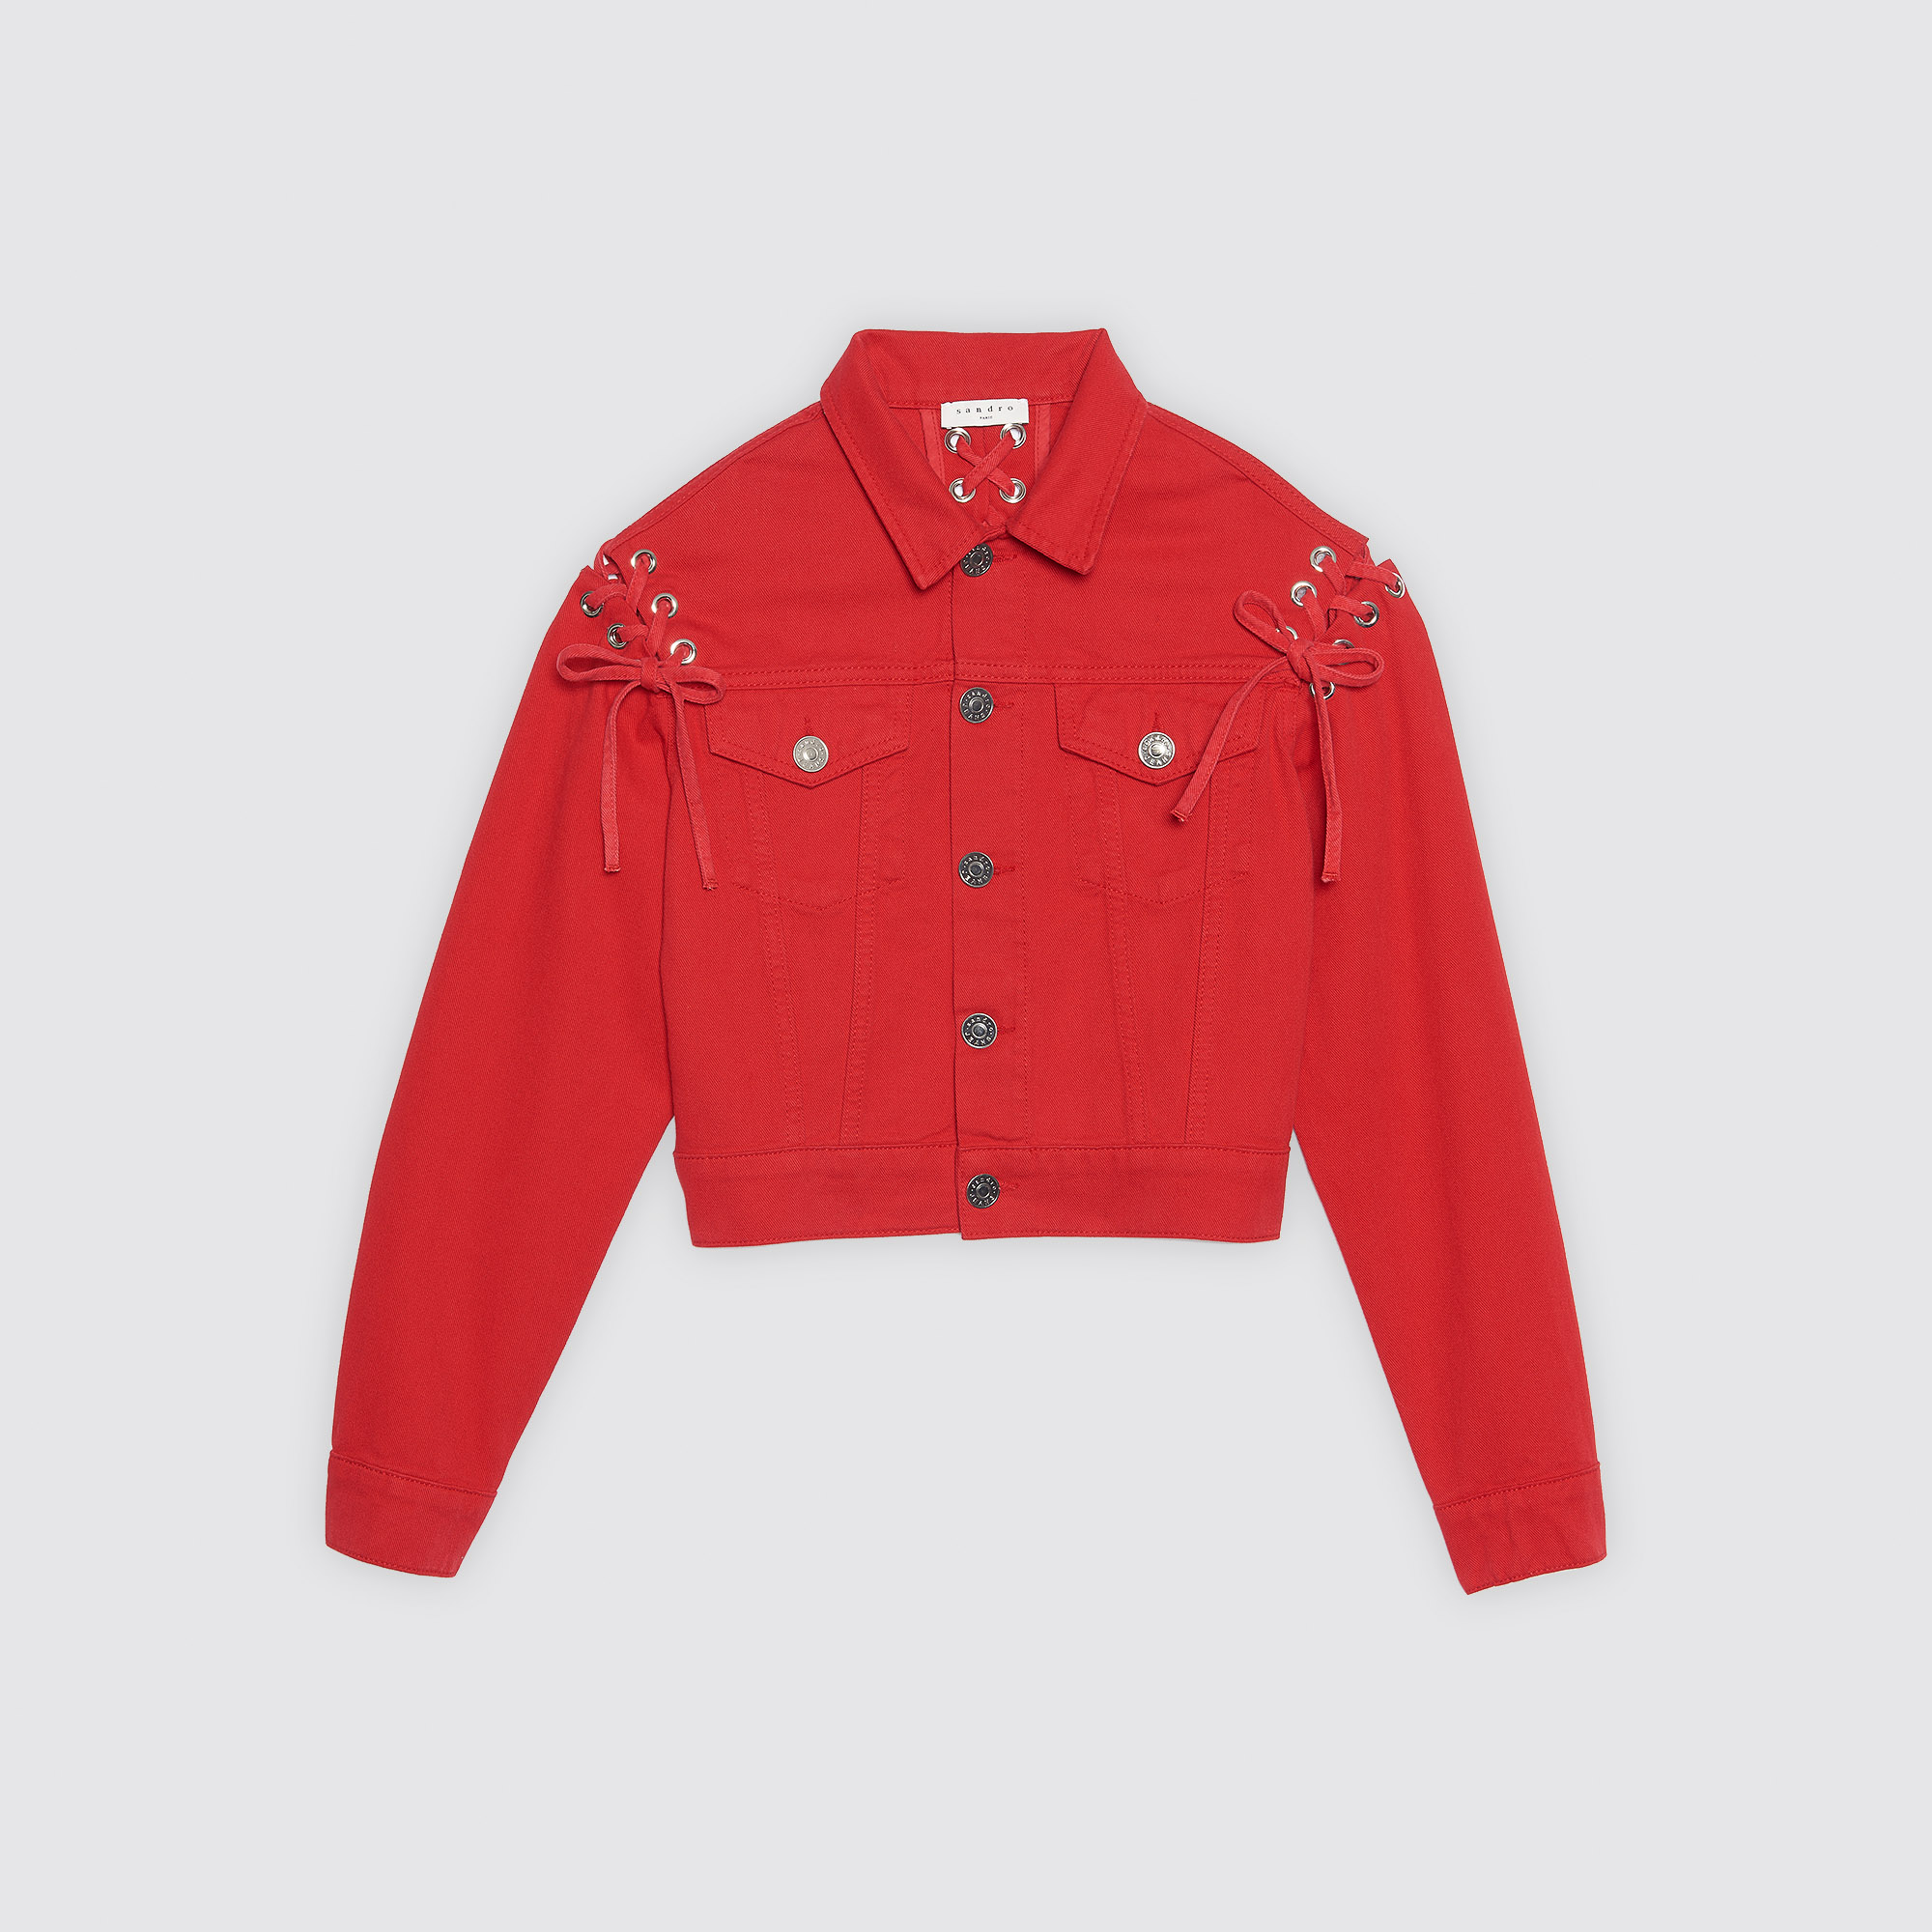 Giacca in cotone con lacci : Collezione Estiva colore Rosso Ciliegia